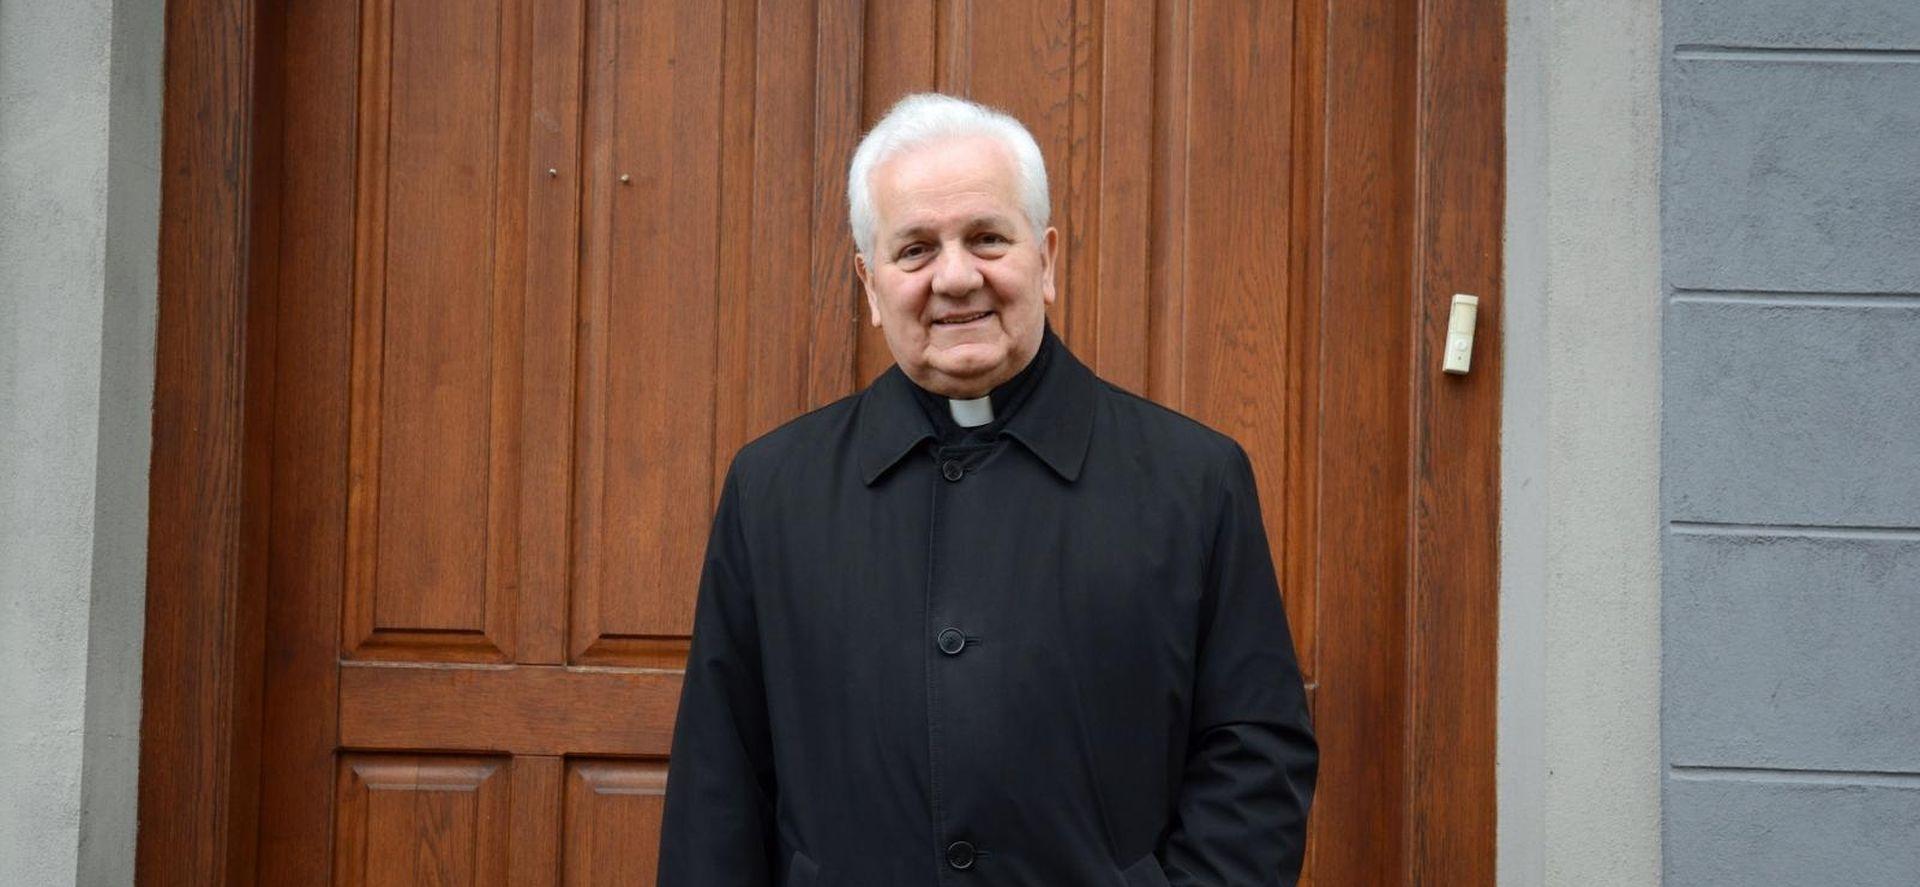 FELJTON Biskup razotkriva prljave igre međunarodne zajednice u našem ratu